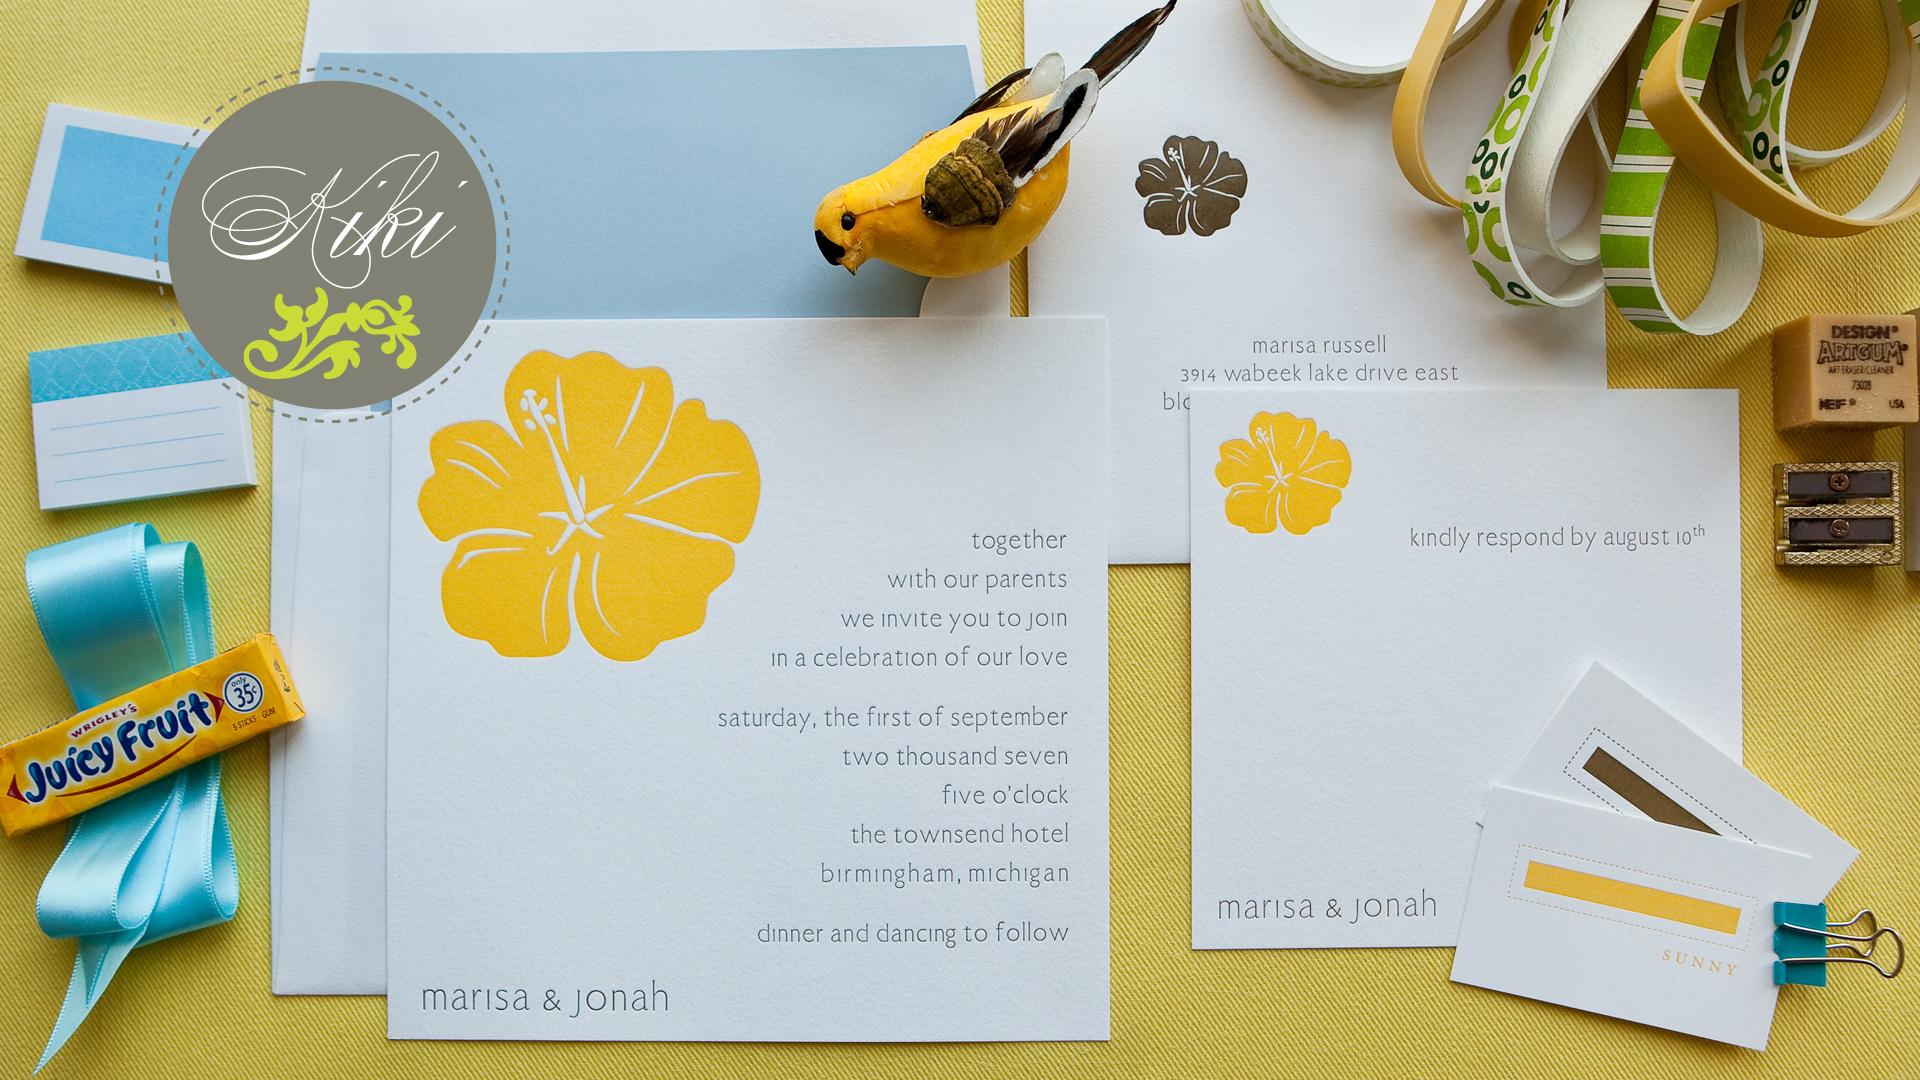 40 Unique Wedding Invitation Designs - DzineBlog.com